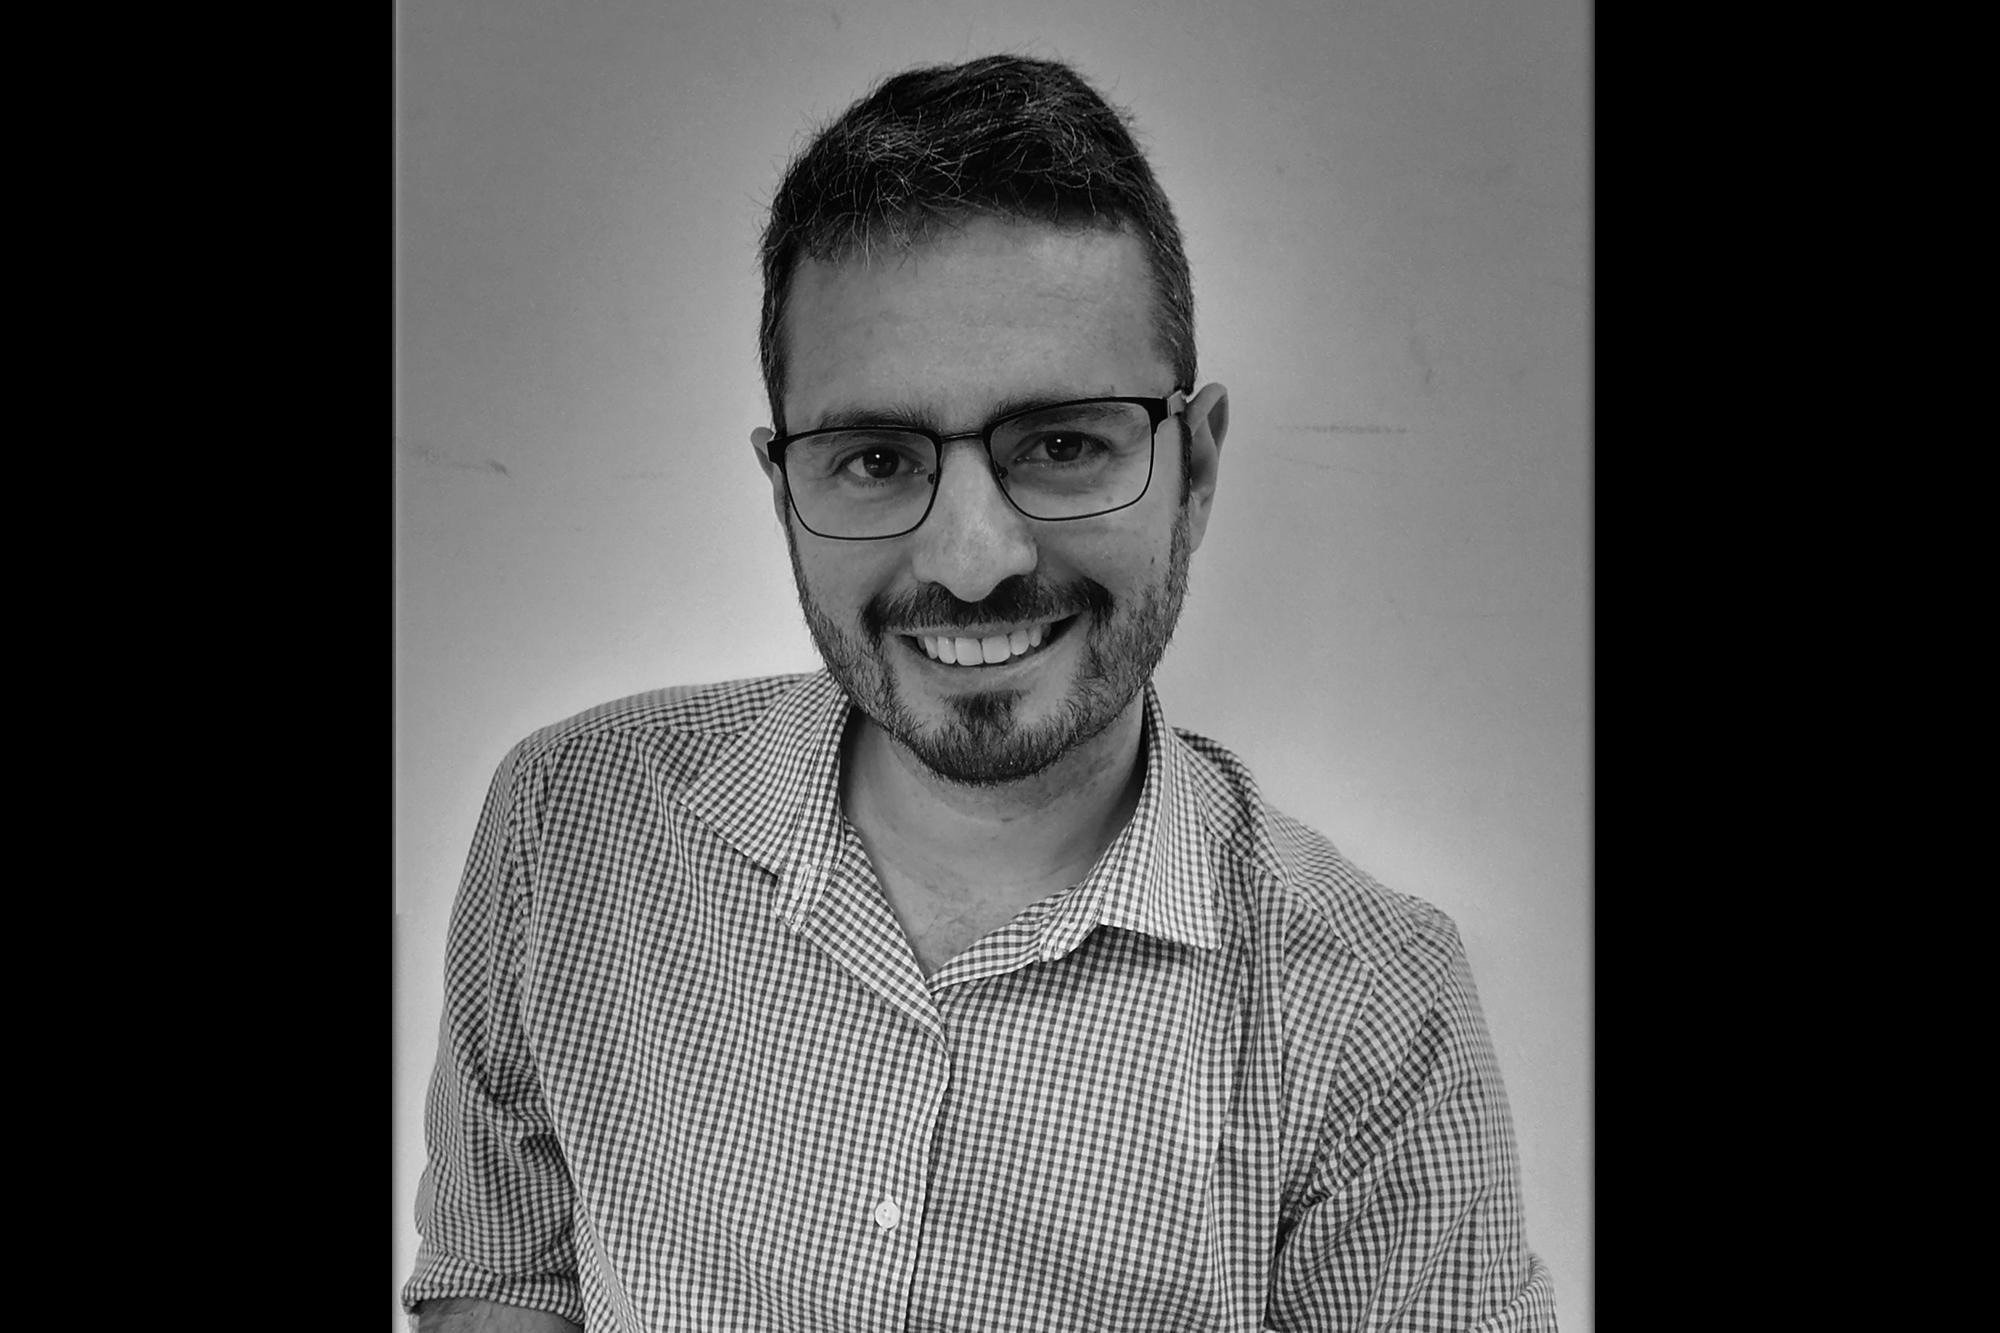 Rafael Tobar (@Arquitobar) es arquitecto, catedrático y director de la Escuela deArquitectura de la Universidad Dr. José Matías Delgado. Además, es arquitecto director del despachoEstudio Vida.